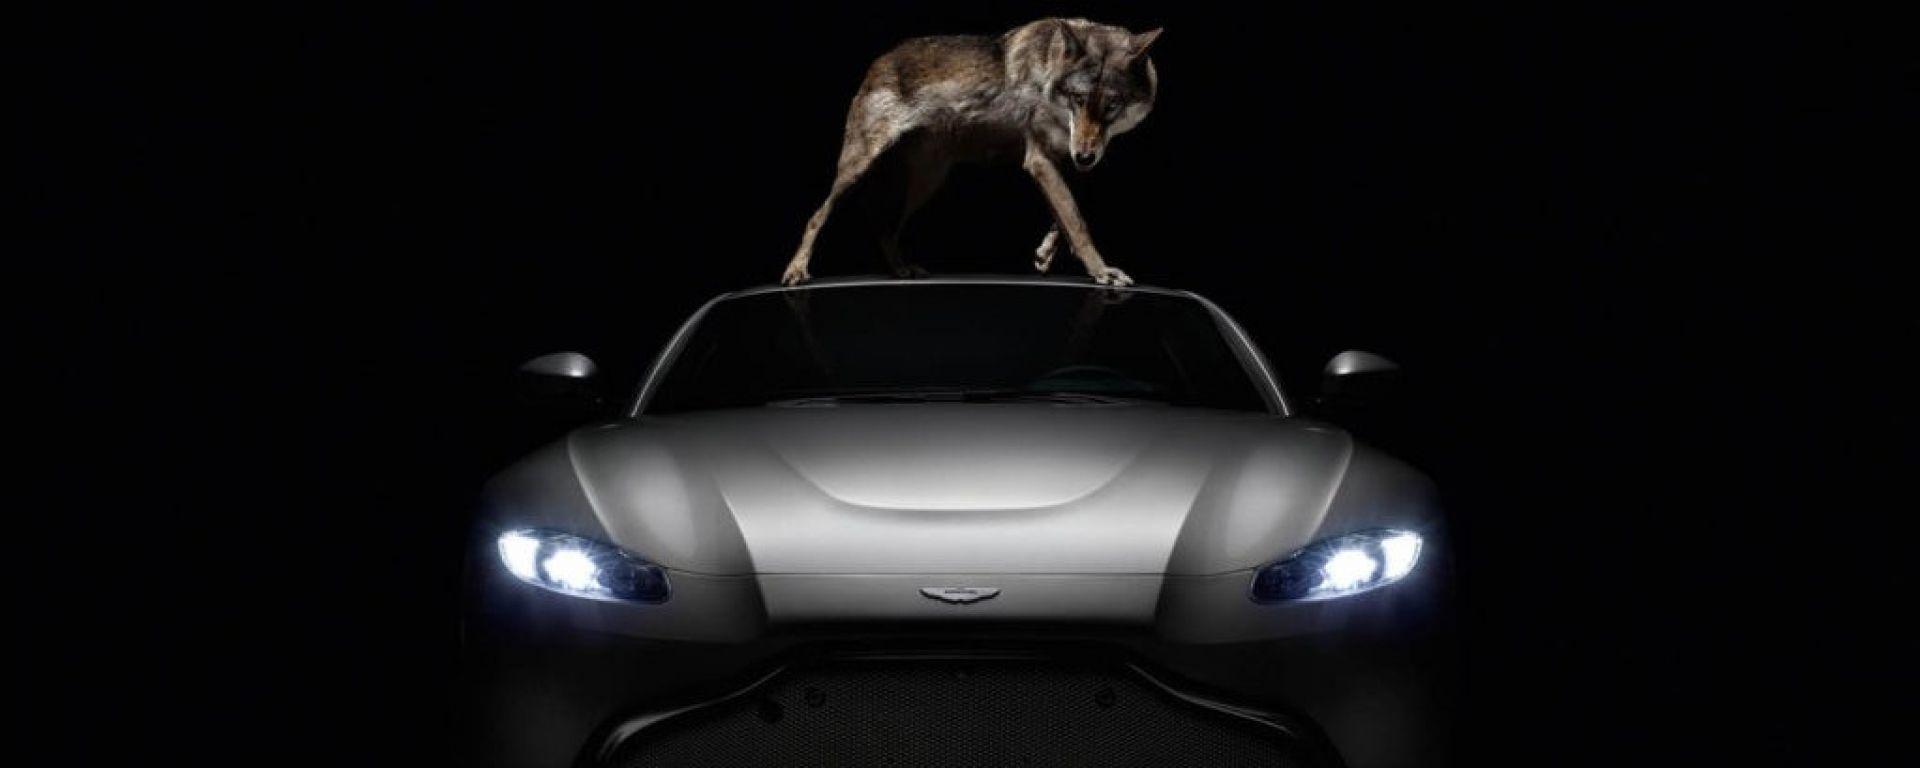 Nuova Aston Martin V8 Vantange: evoluzione totale [VIDEO]